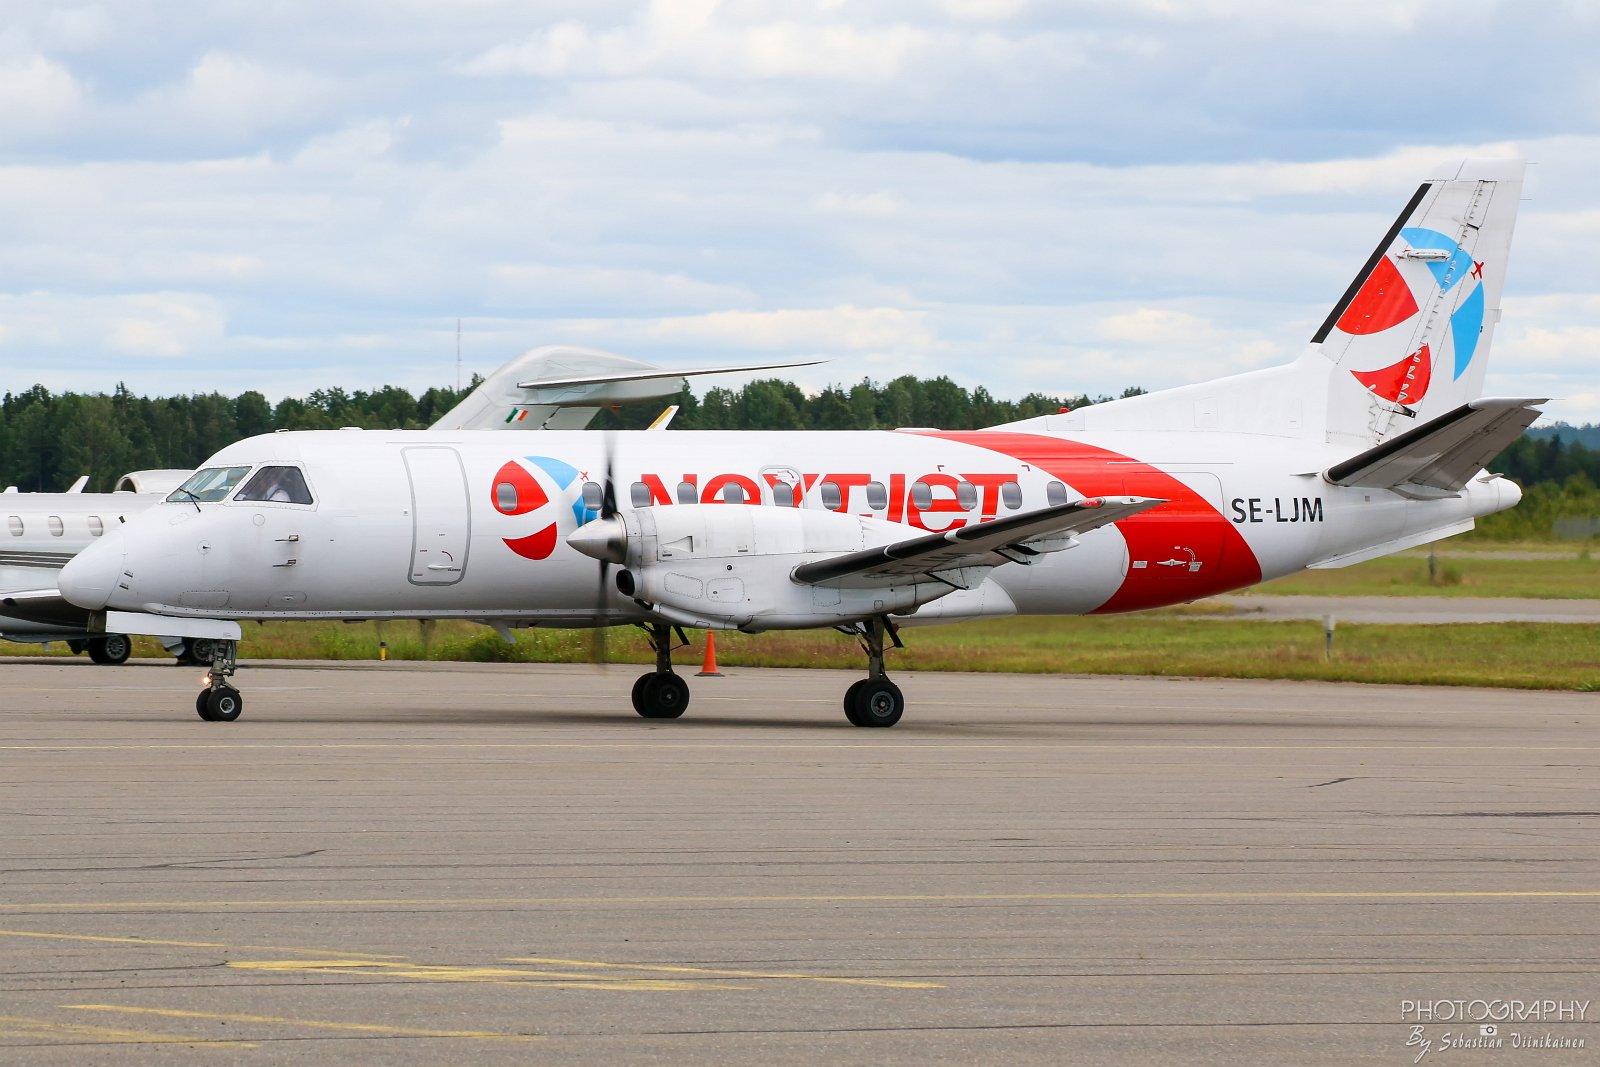 SE-LJM Nextjet Saab 340A, 06.07.2017